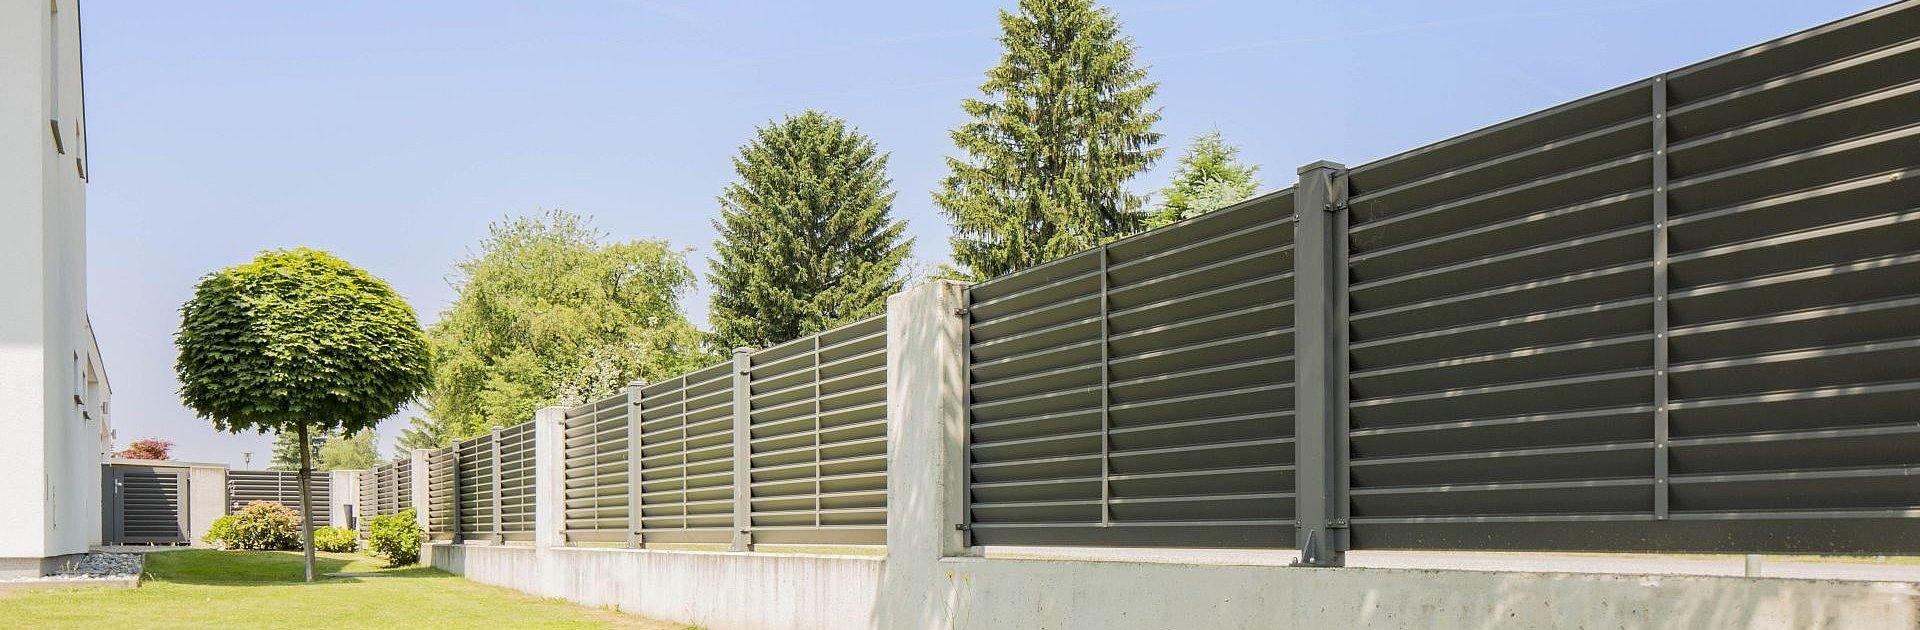 clôture en aluminium moderne avec lattes transversales grises servant de limite de jardin